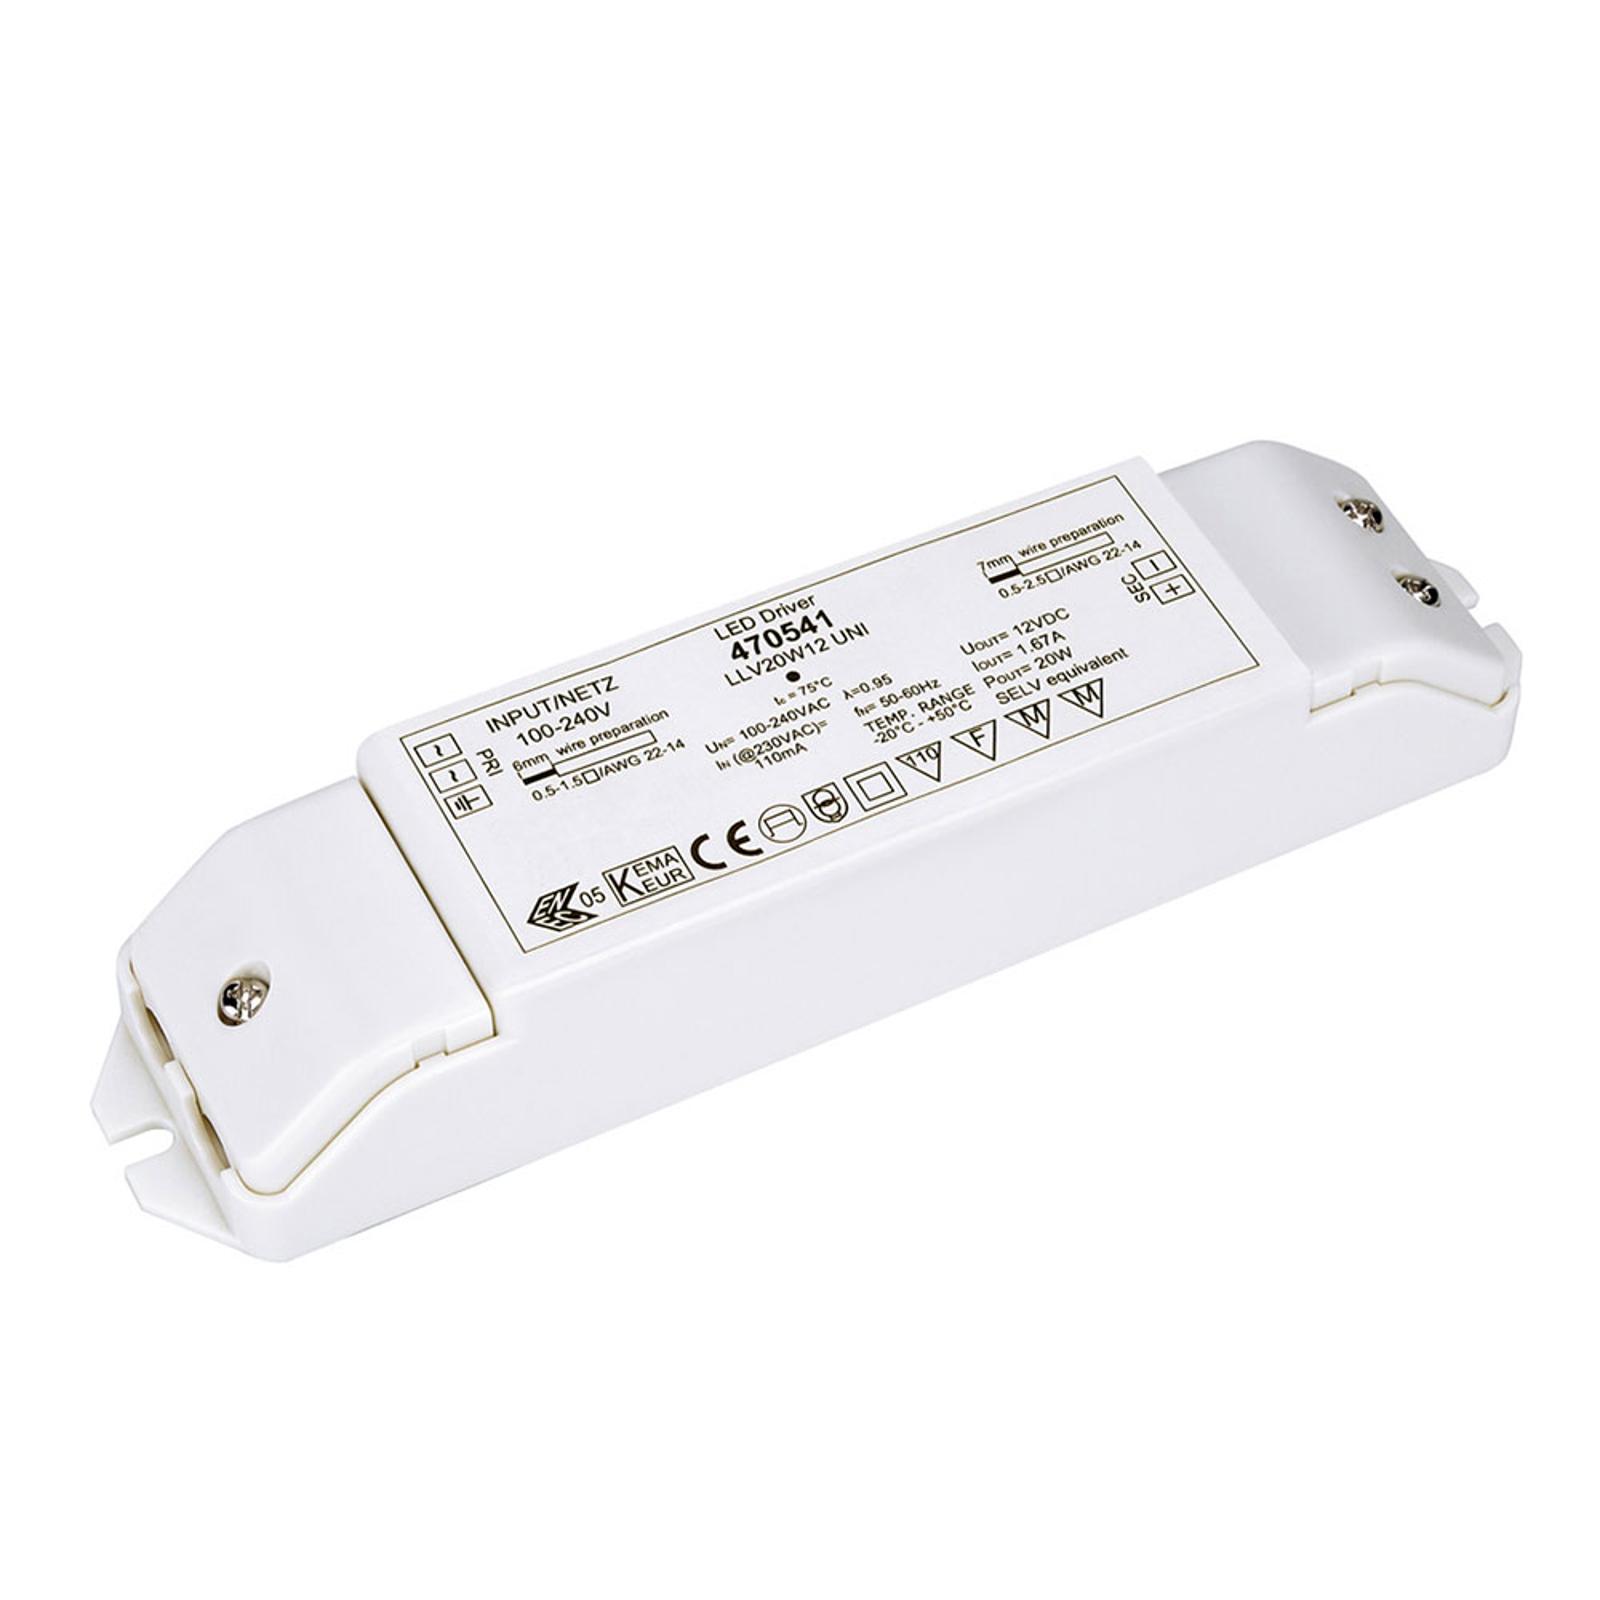 SLV bloc d'alimentation LED 12V DC/20W